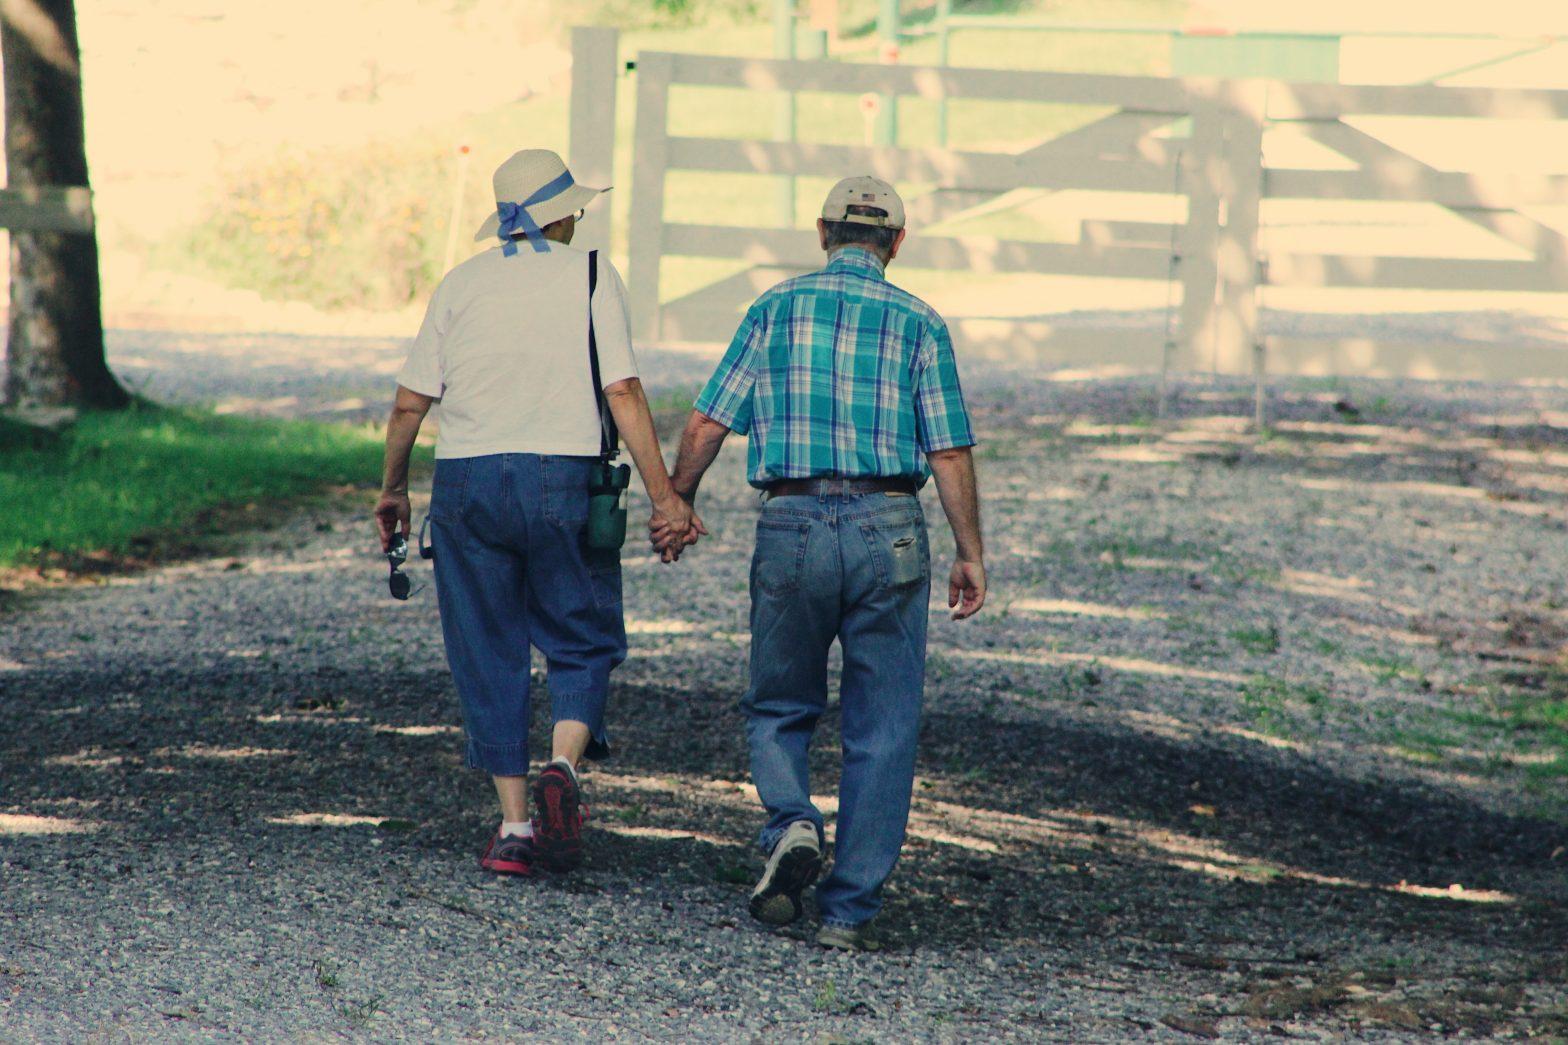 caring for elderly